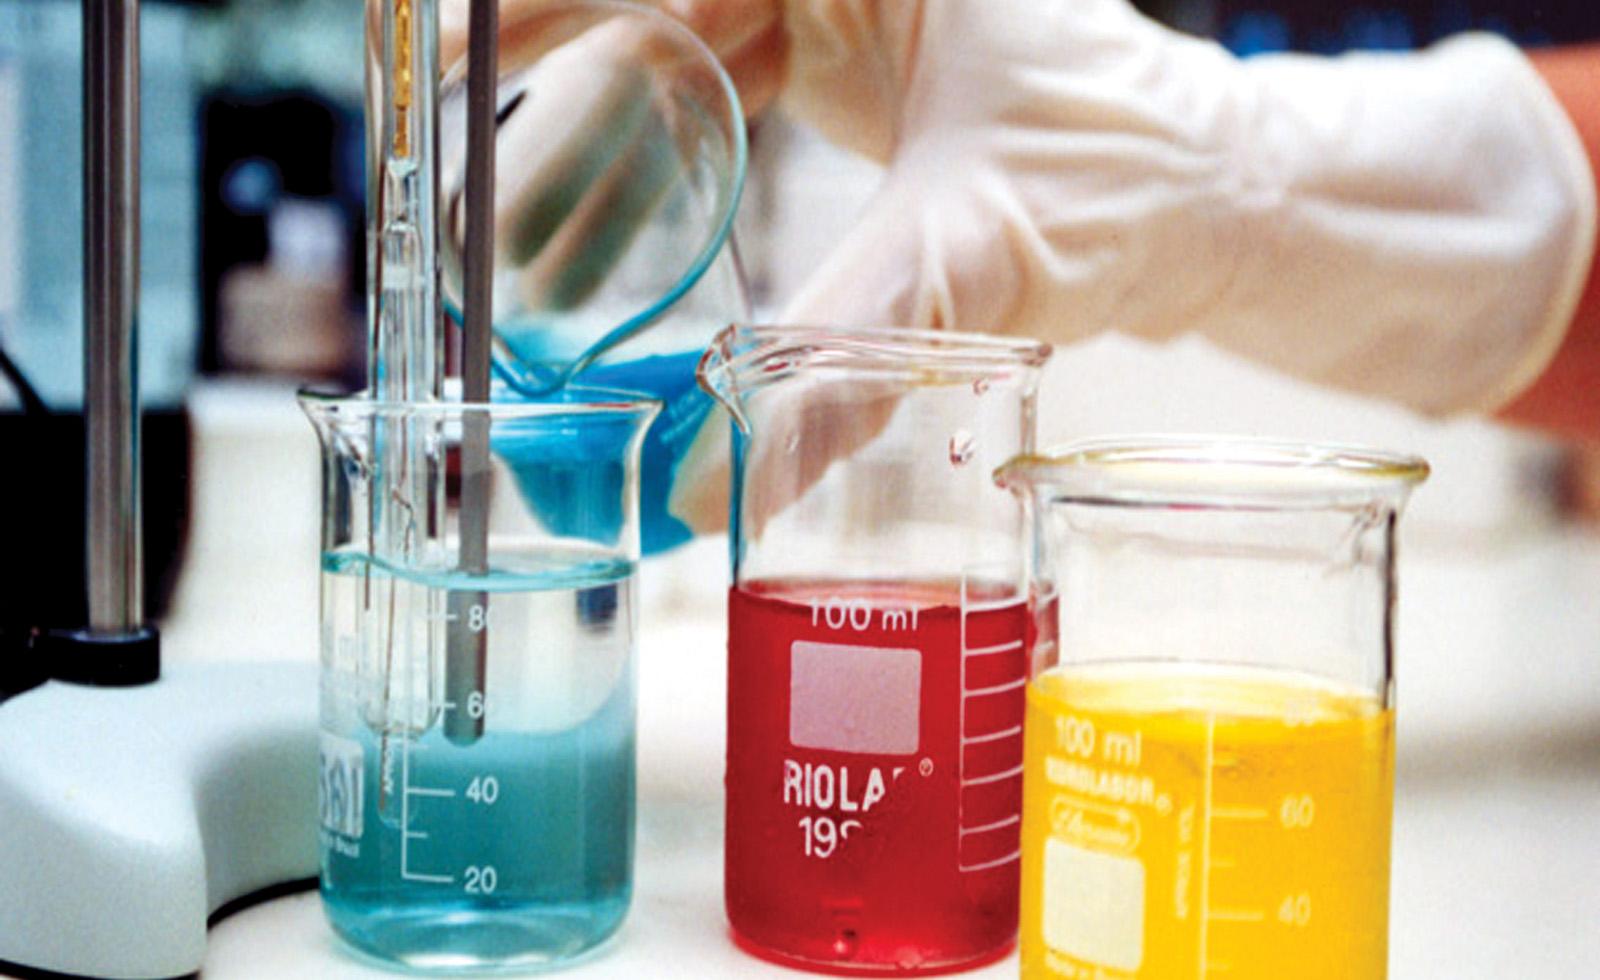 Controle Microbiológico de Saneantes com Ação Antimicrobiana  - 2019